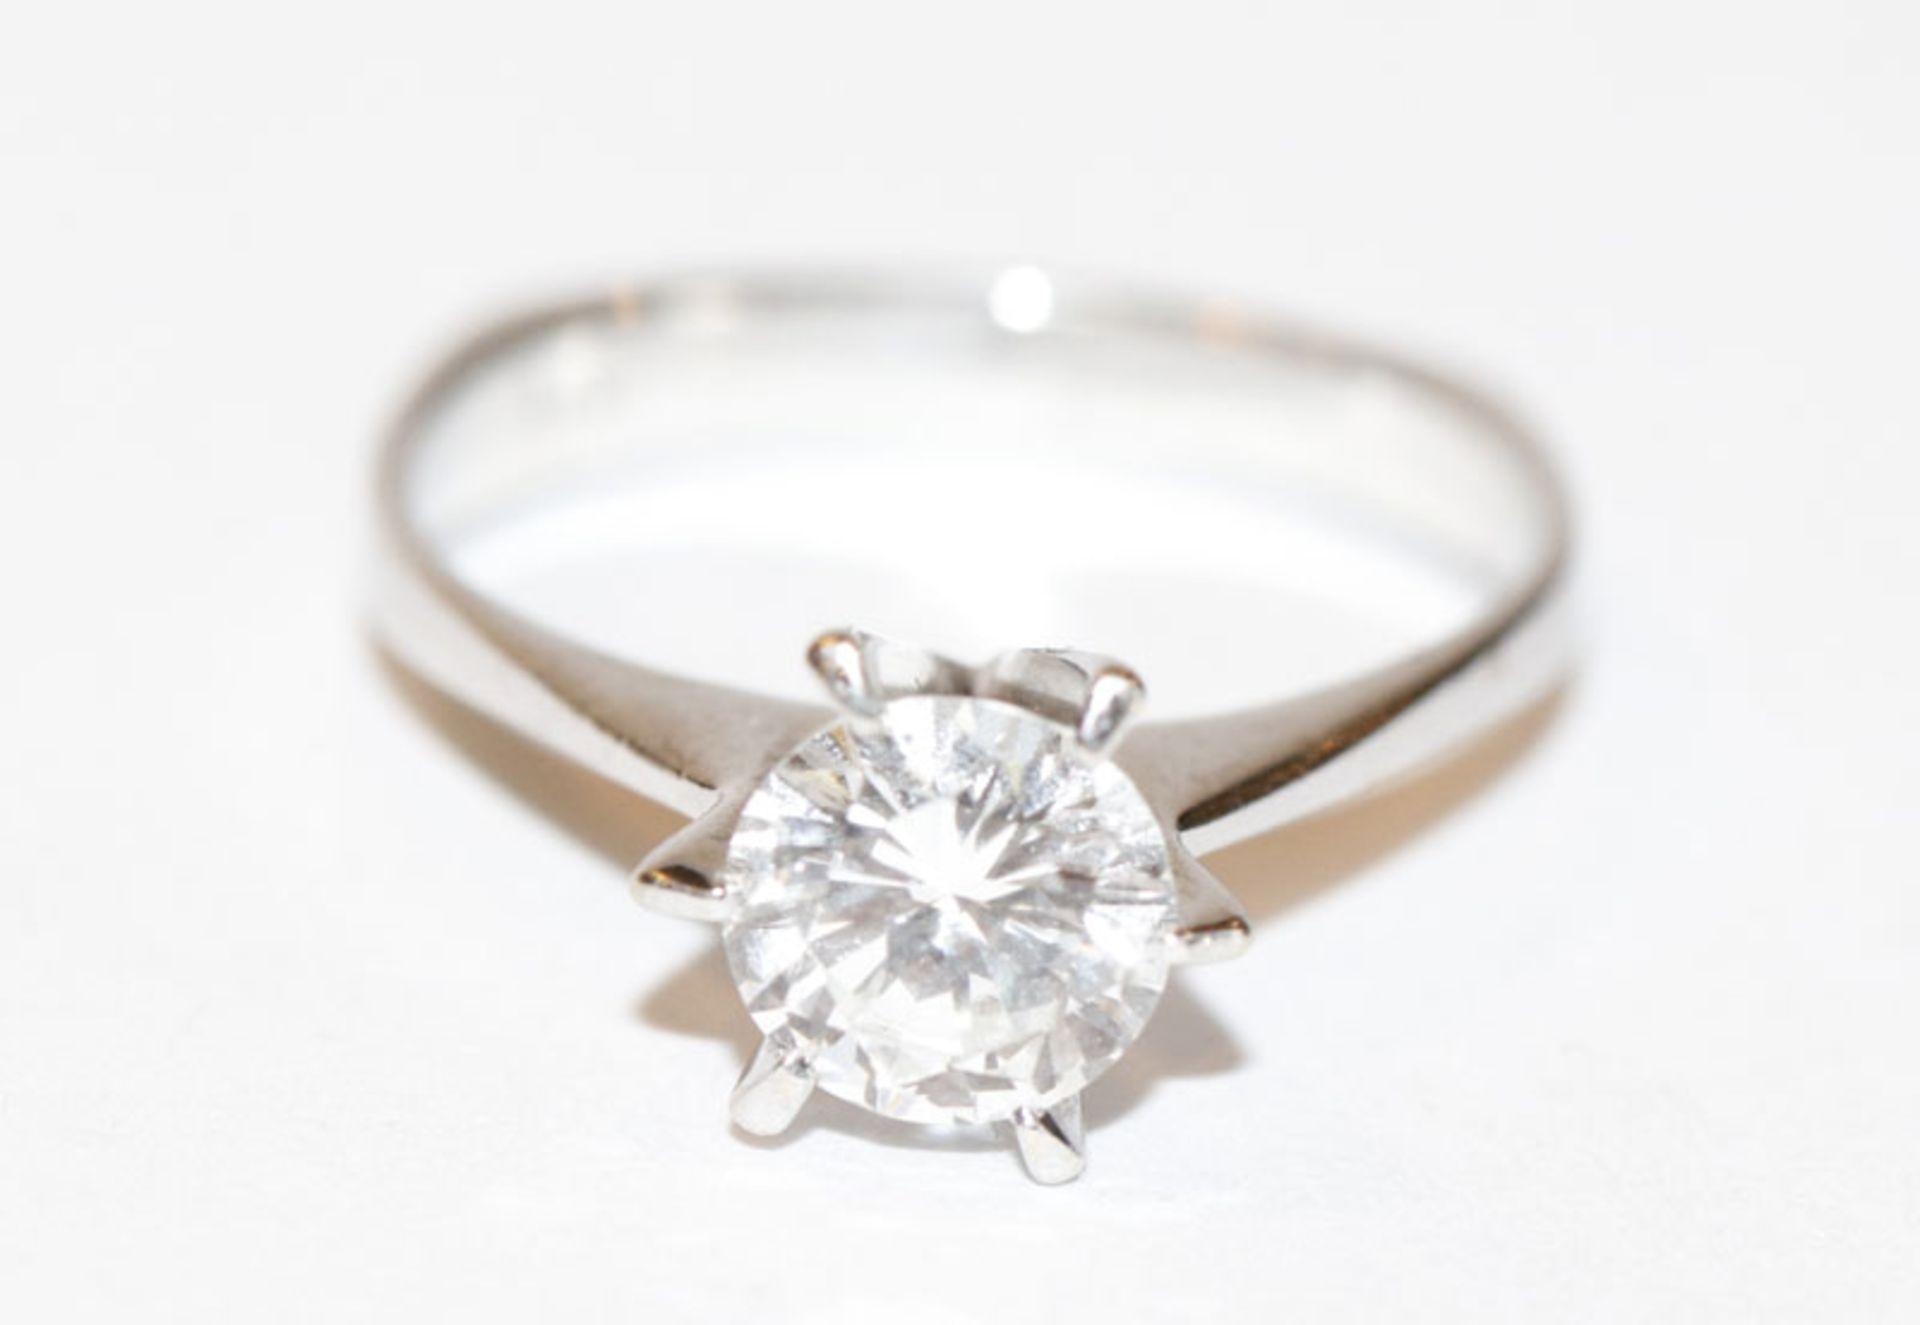 14 k Weißgold Diamant-Solitärring, ca. 1,1 ct, w/tw, ev. Lupenrein, in klassischer Krabbenfassung,